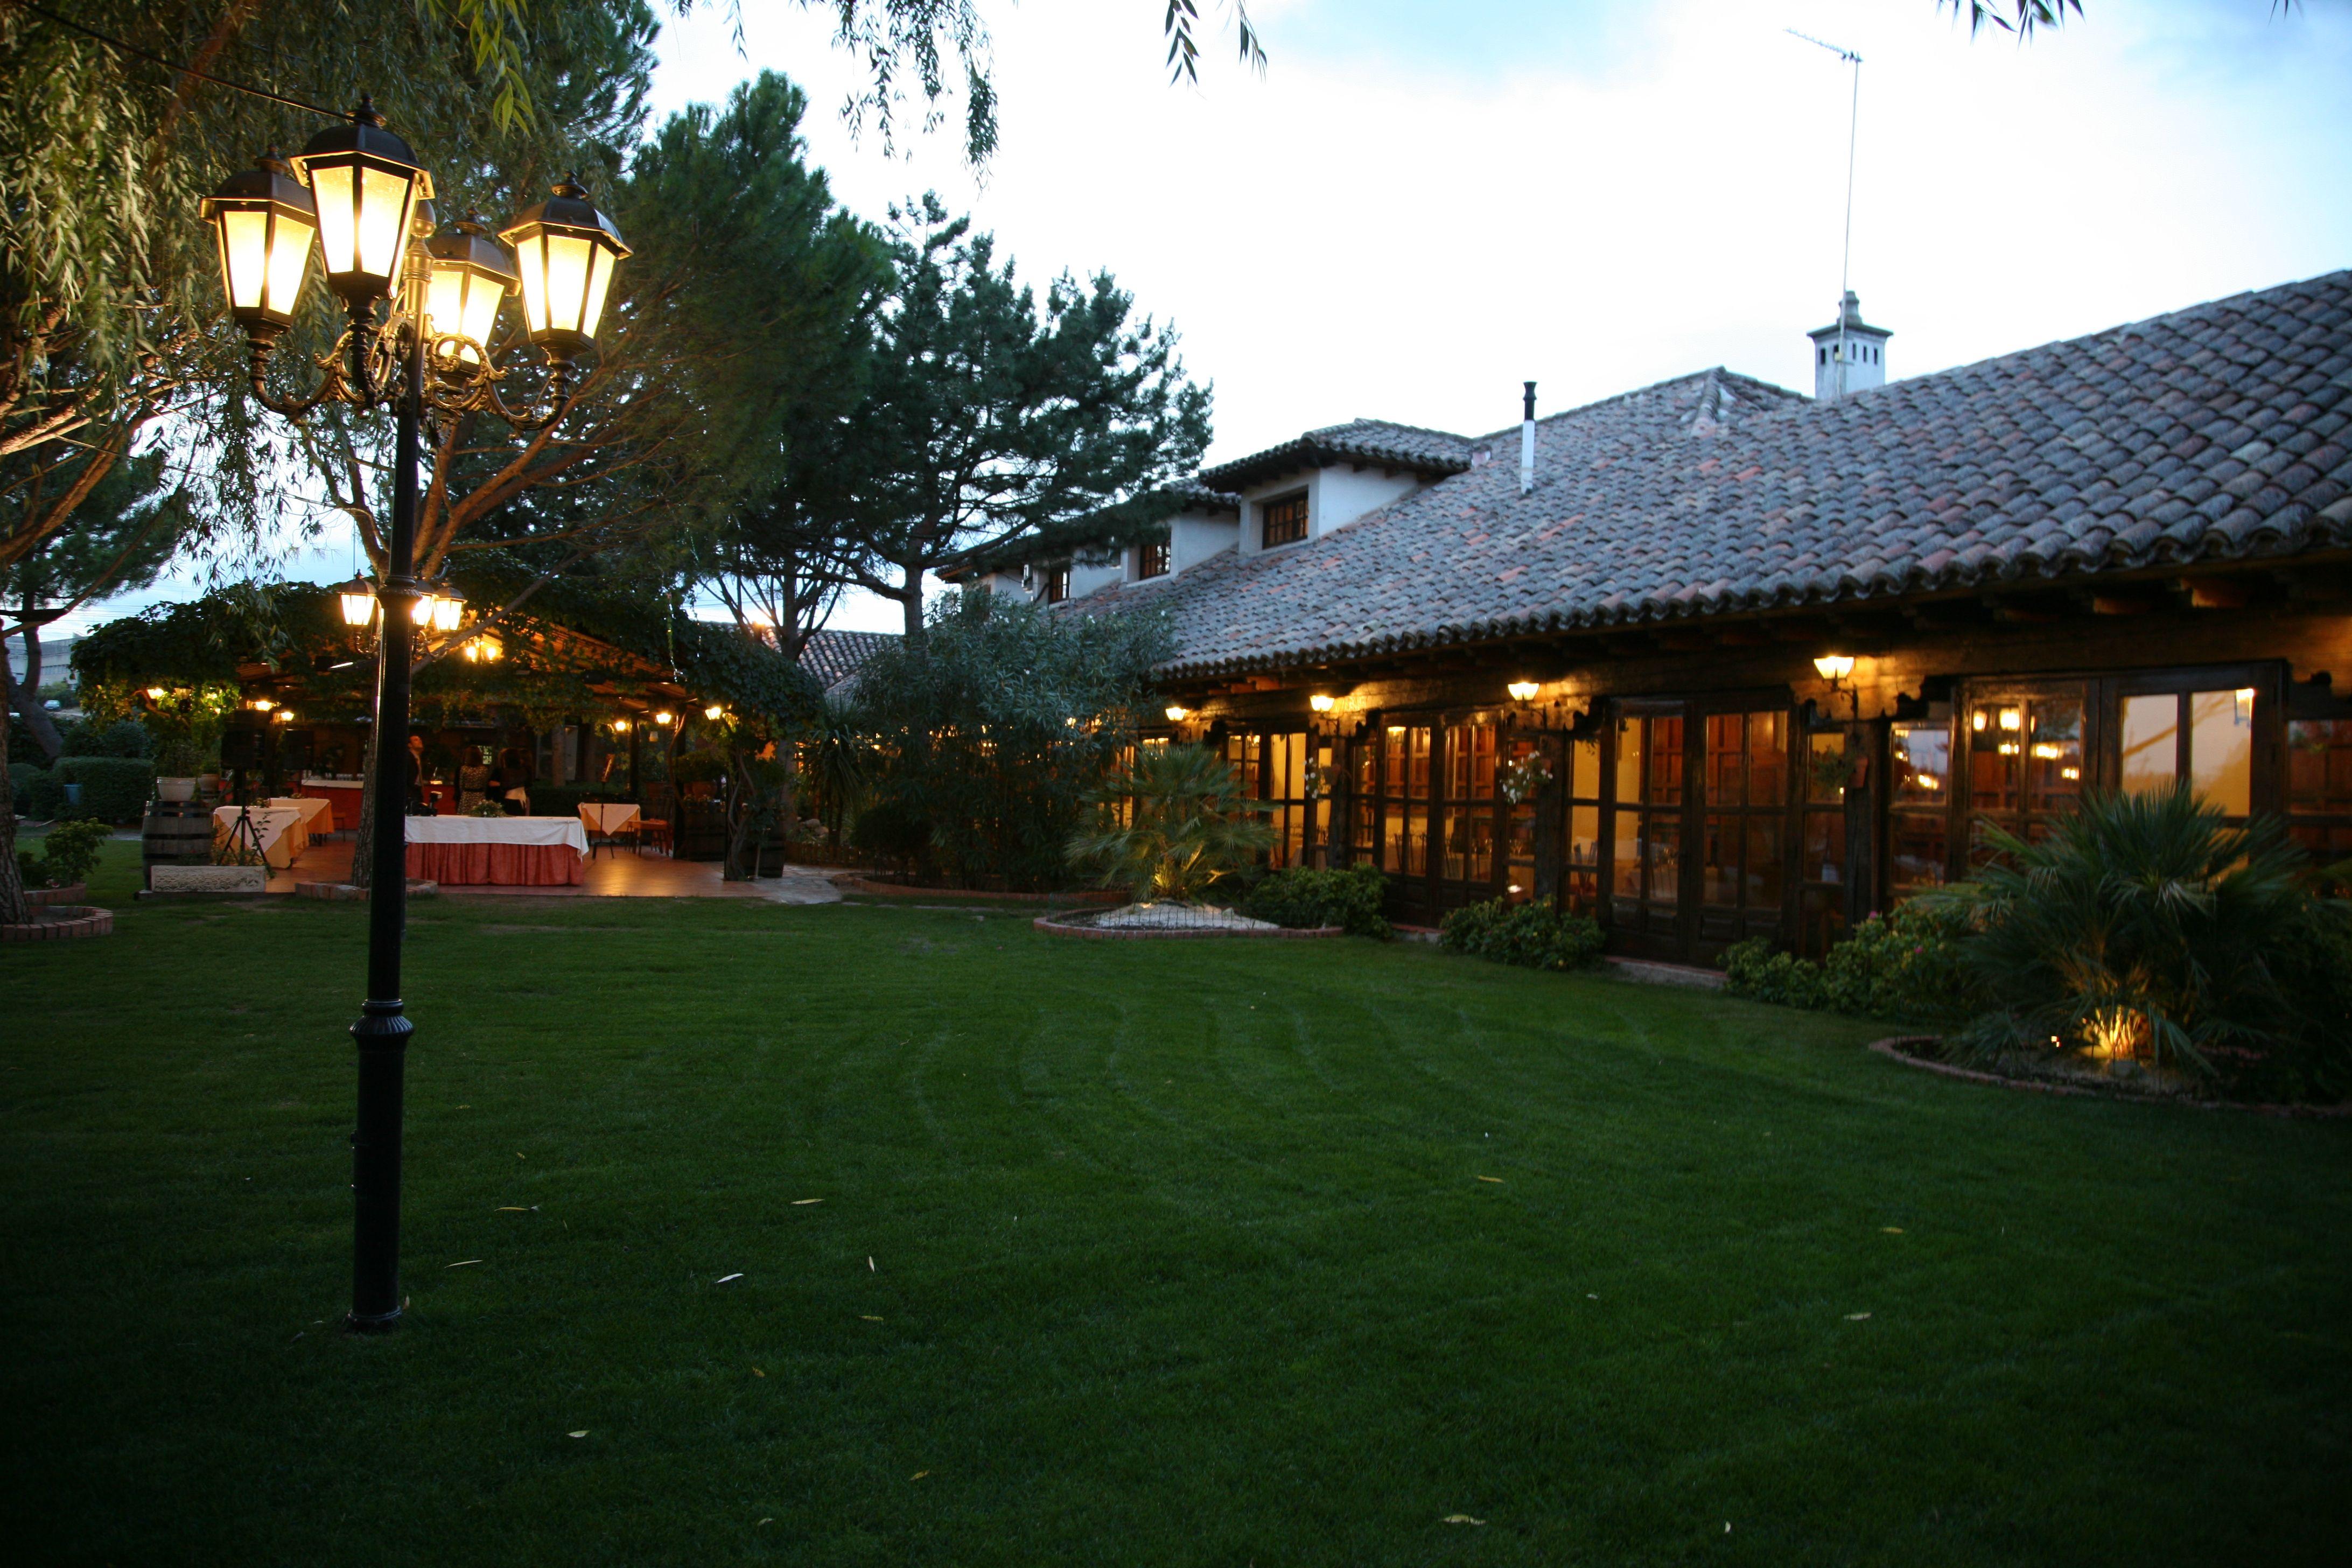 Jardín del Restaurante la hípica de tres cantos | Arquitetura